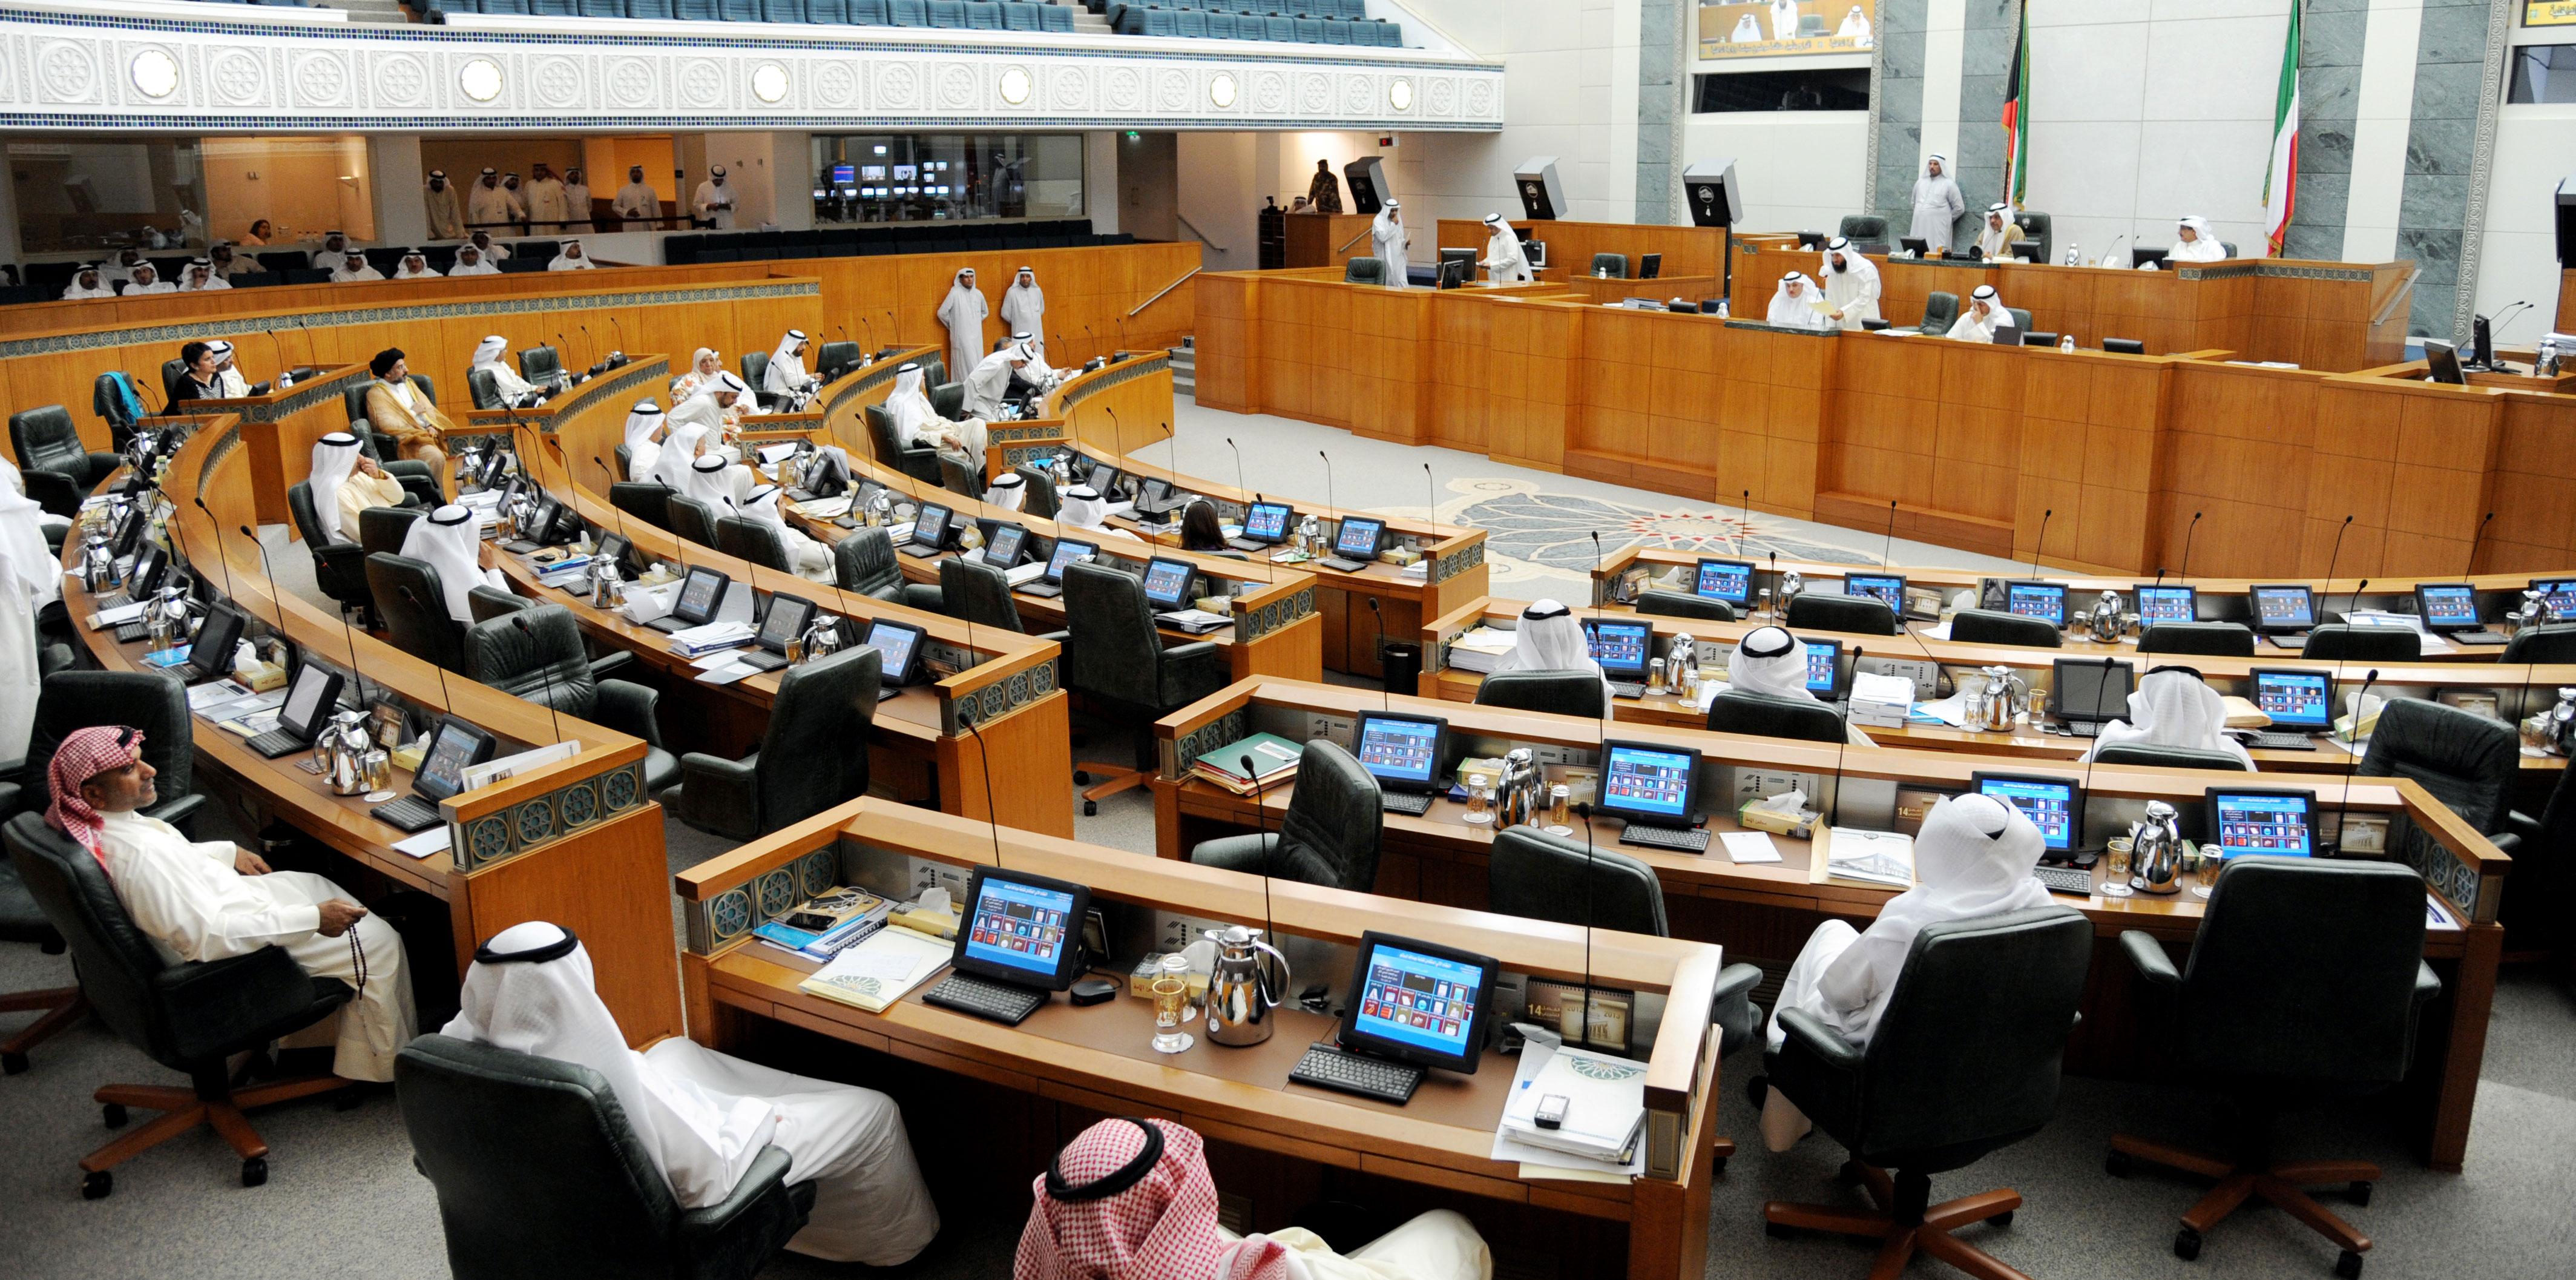 الكويت: جدل واسع بعد الكشف عن تلقي نواب لرواتب من الحكومة